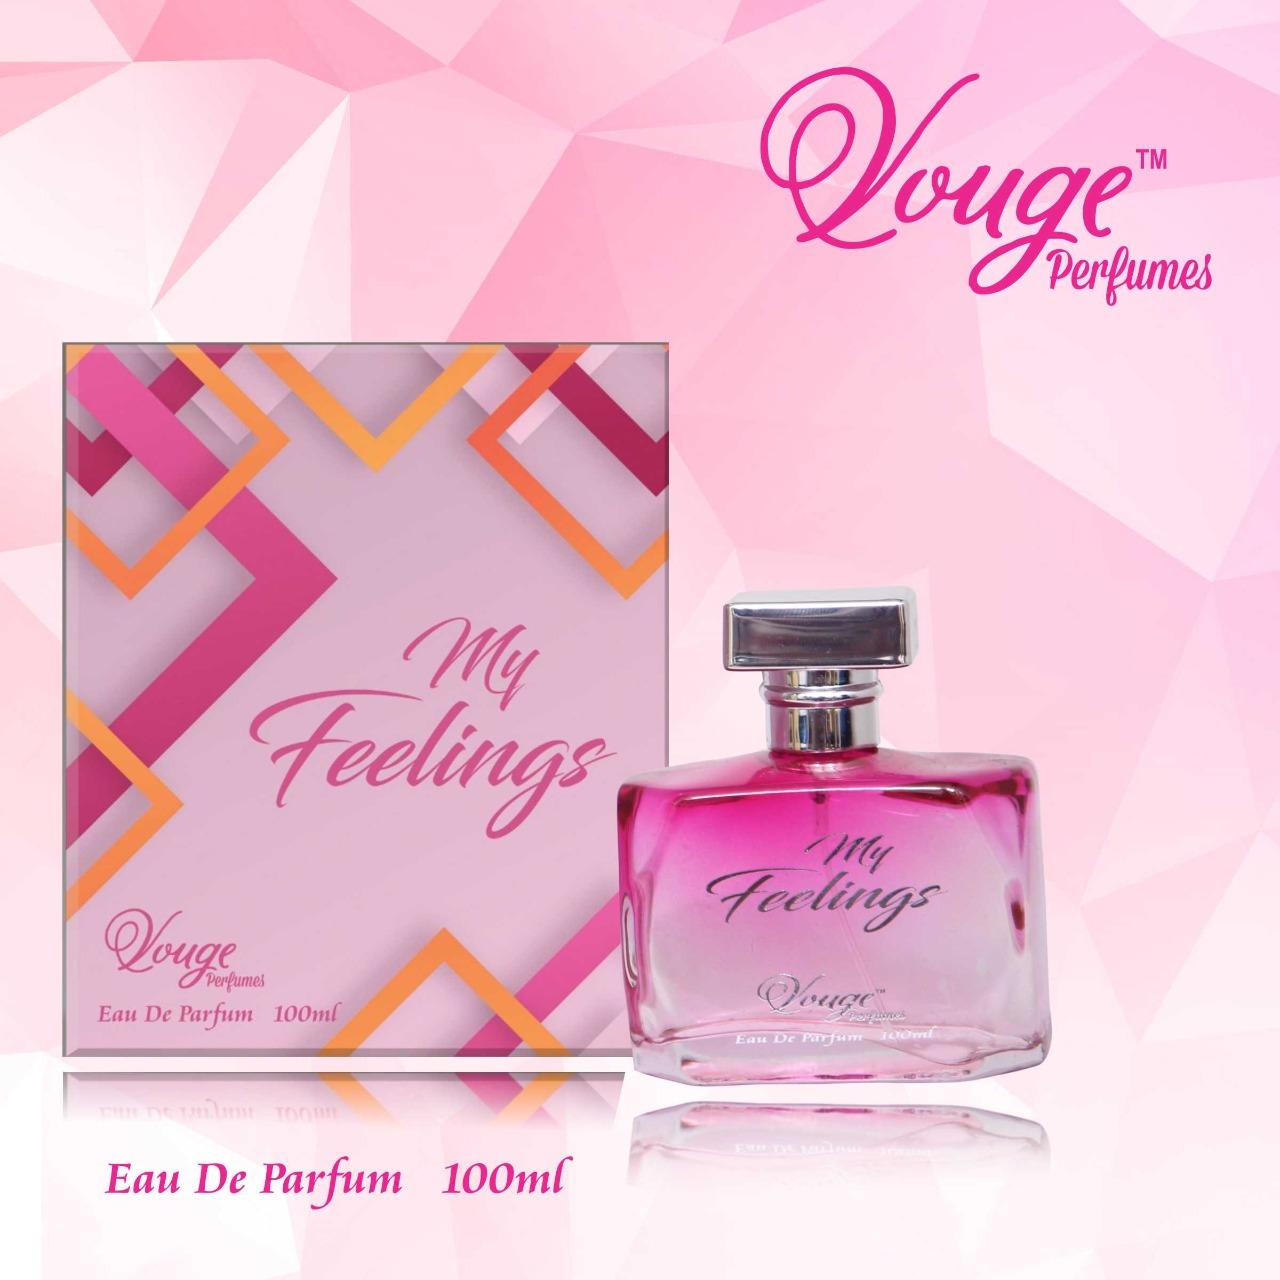 Vouge Perfume - My Feelings